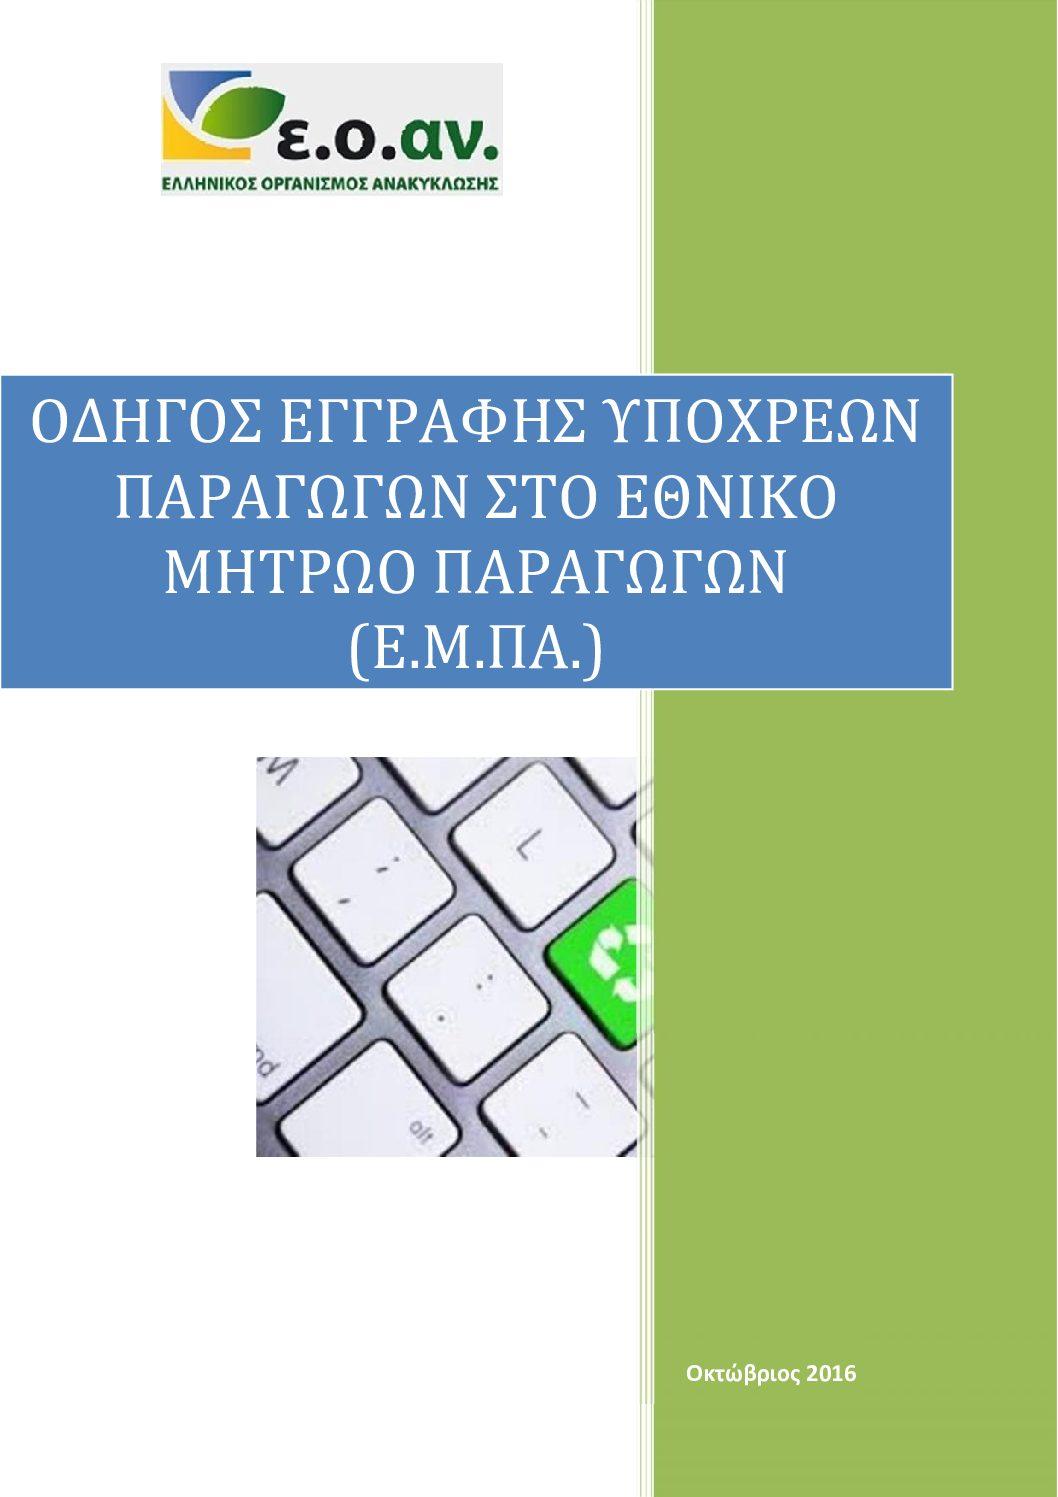 Οδηγός εγγραφής  Μητρώο Παραγωγών (ΕΜΠΑ)